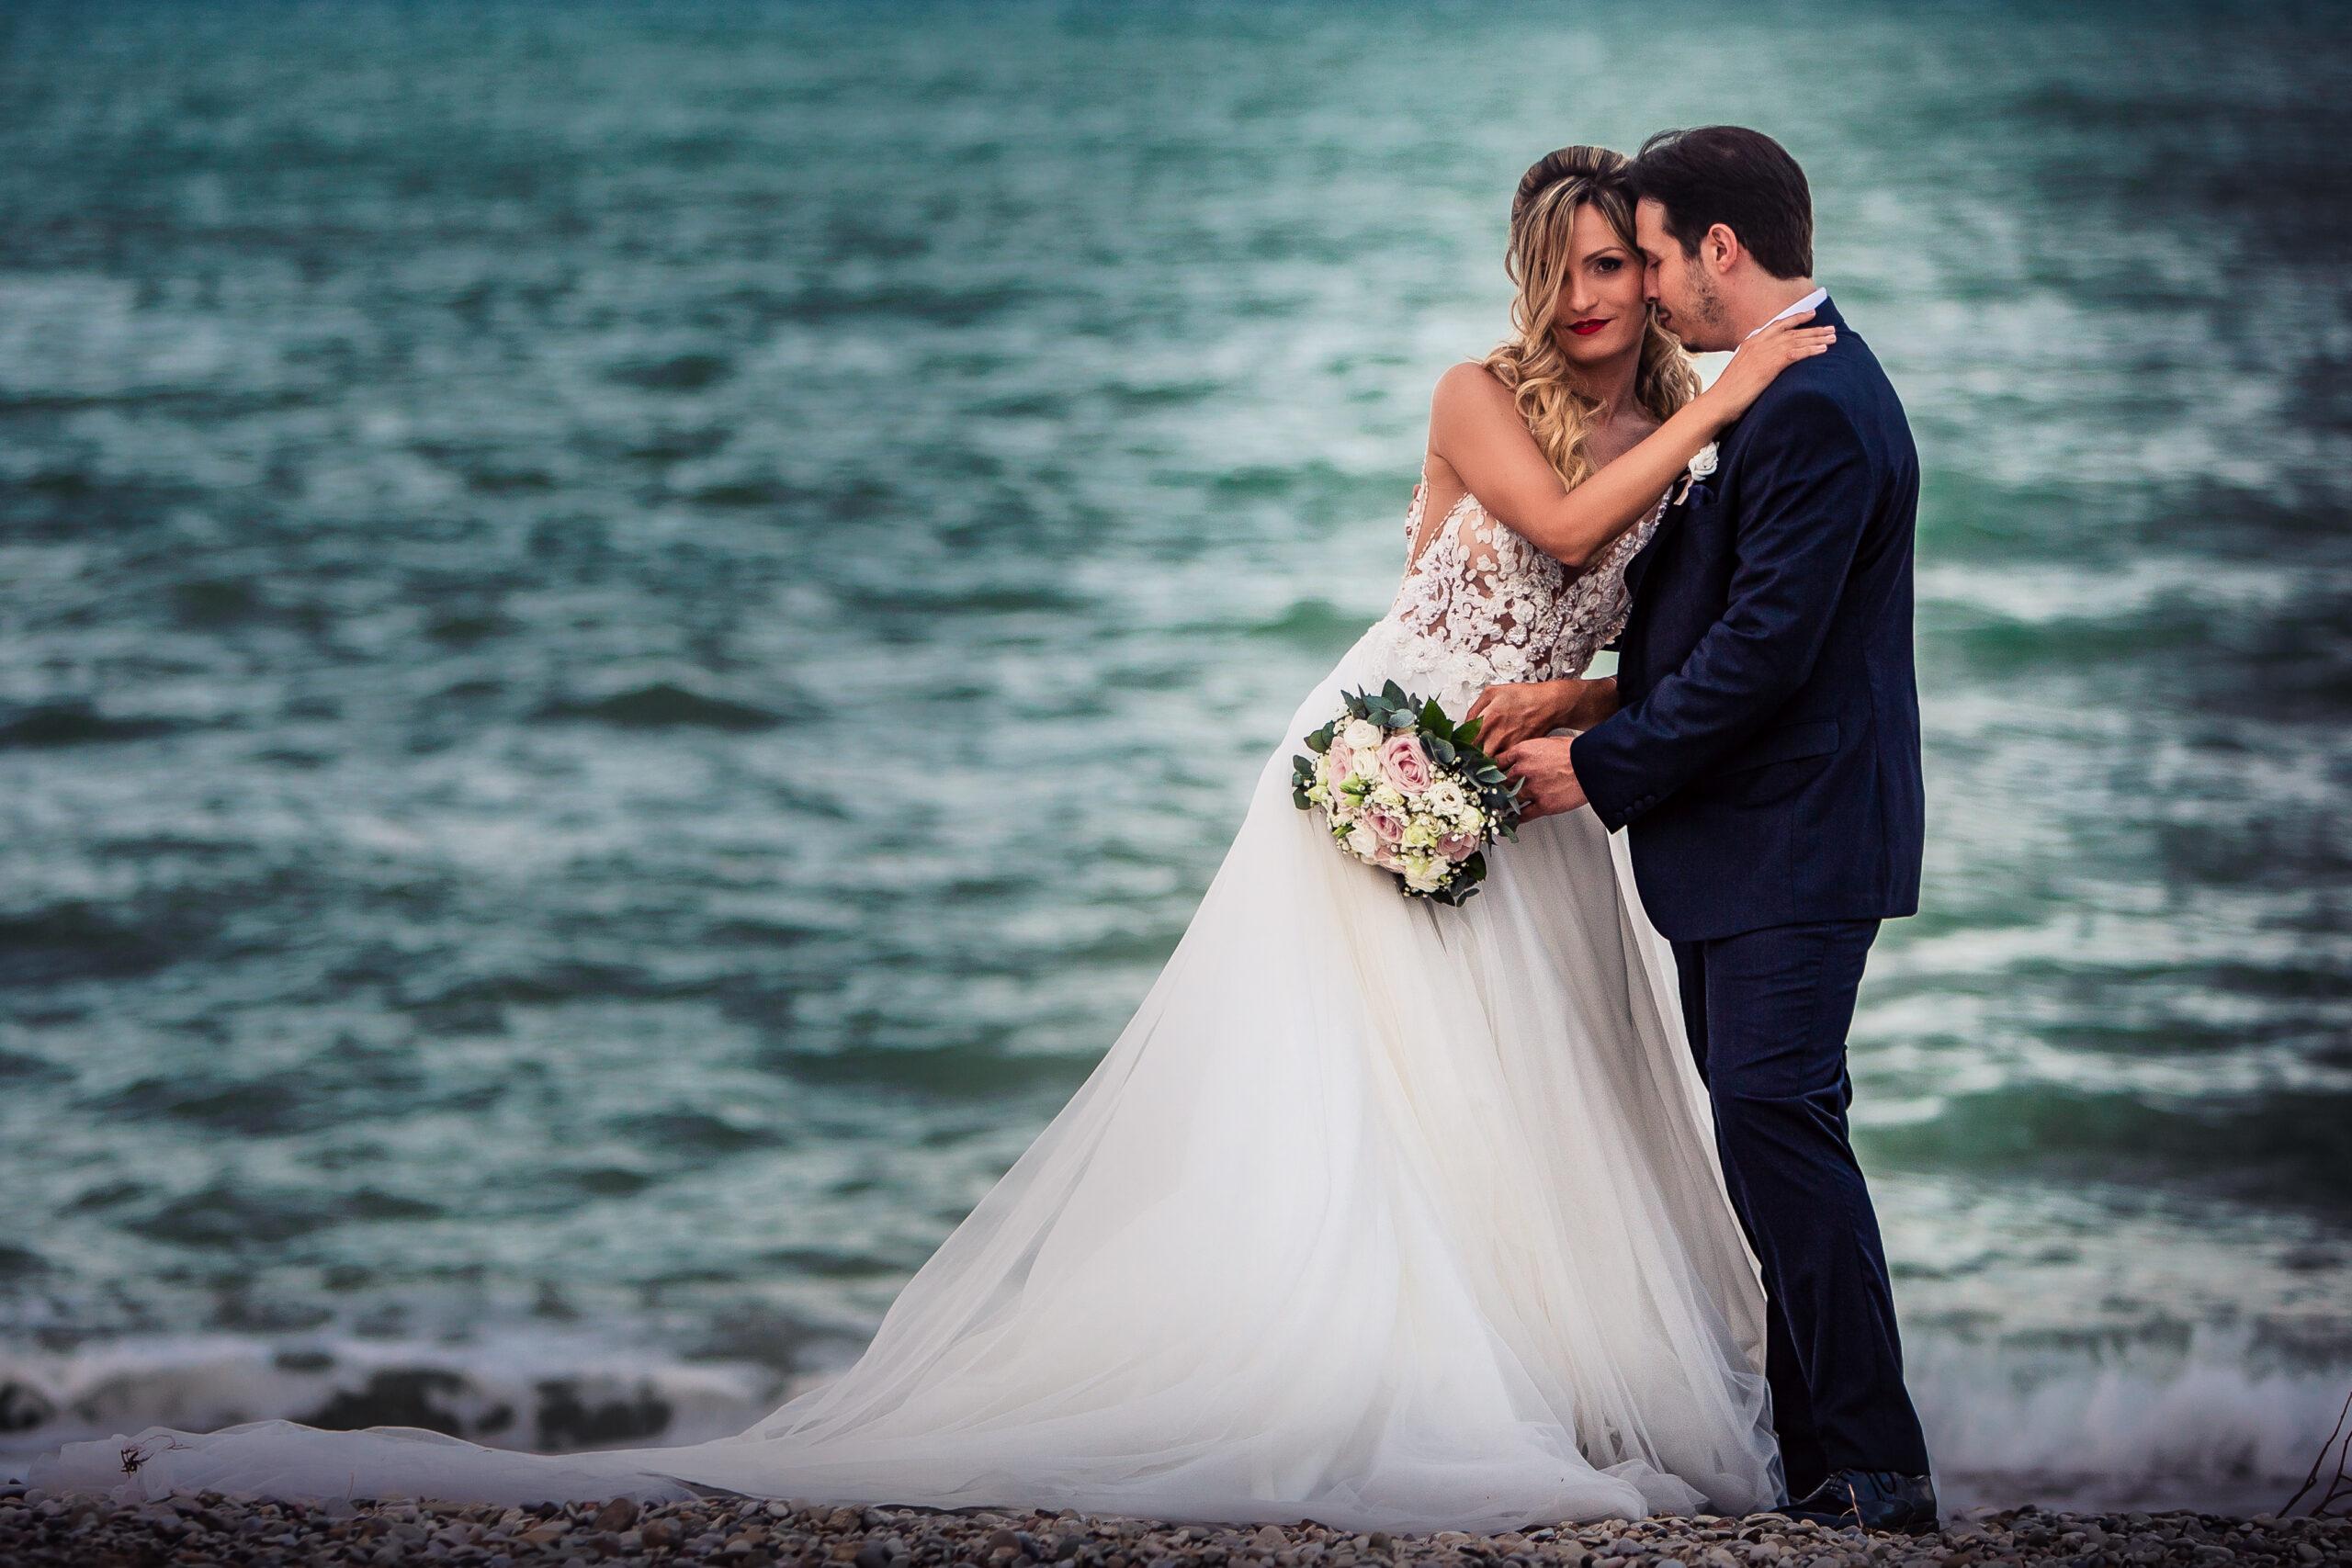 sposo contesta appoggiata sulla sposa